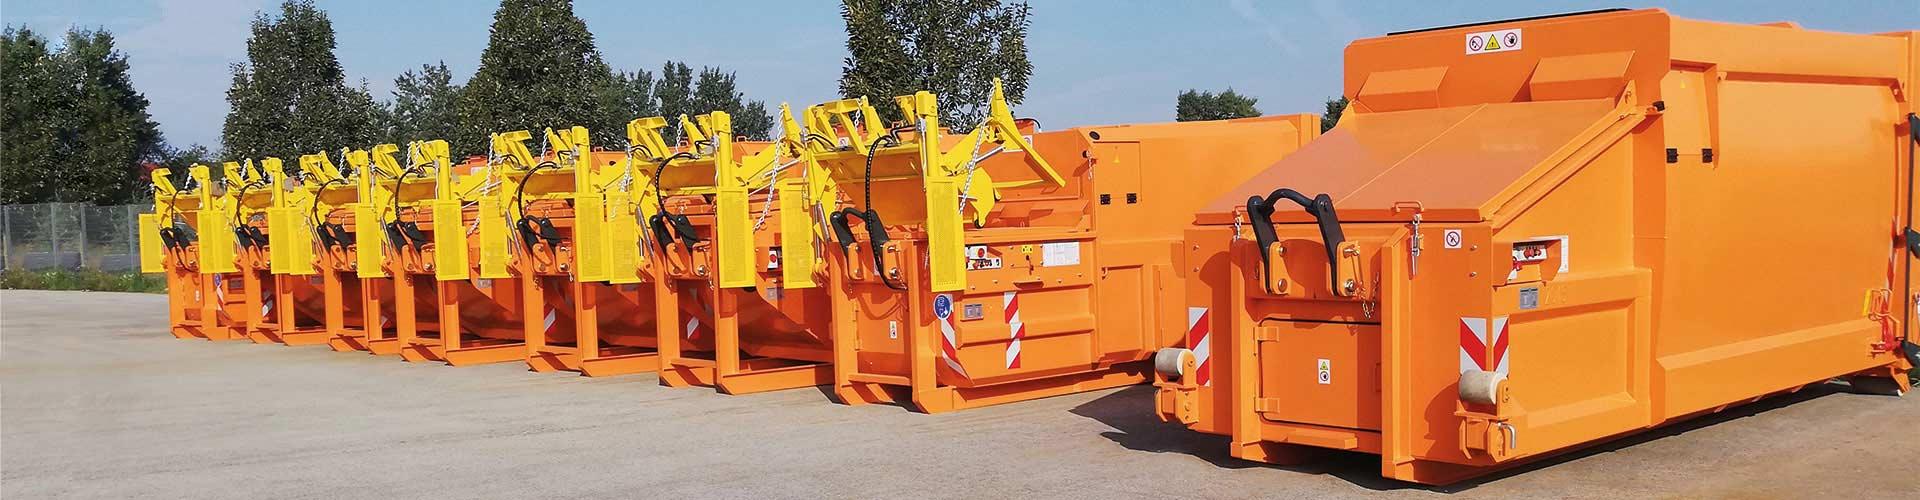 Die Firma Werner & Weber befasst sich mit der Entwicklung, der Produktion und dem Verkauf von innovativen Produkten zur Abfallsammlung.